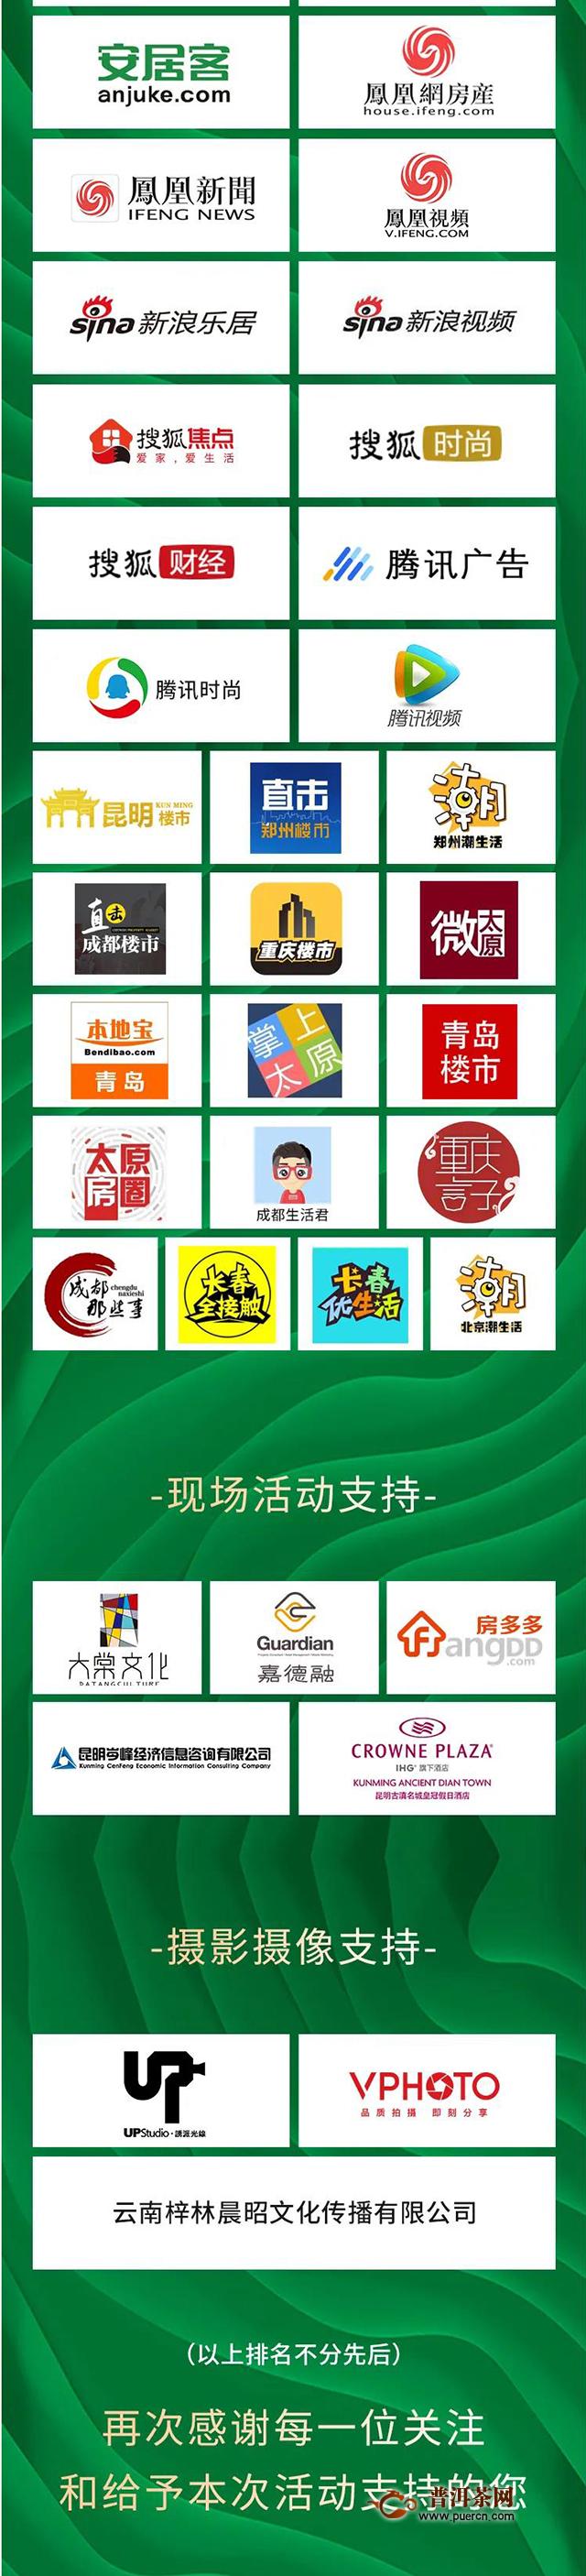 热烈庆祝!七彩云南®·避暑家园系列活动全国曝光12亿+!